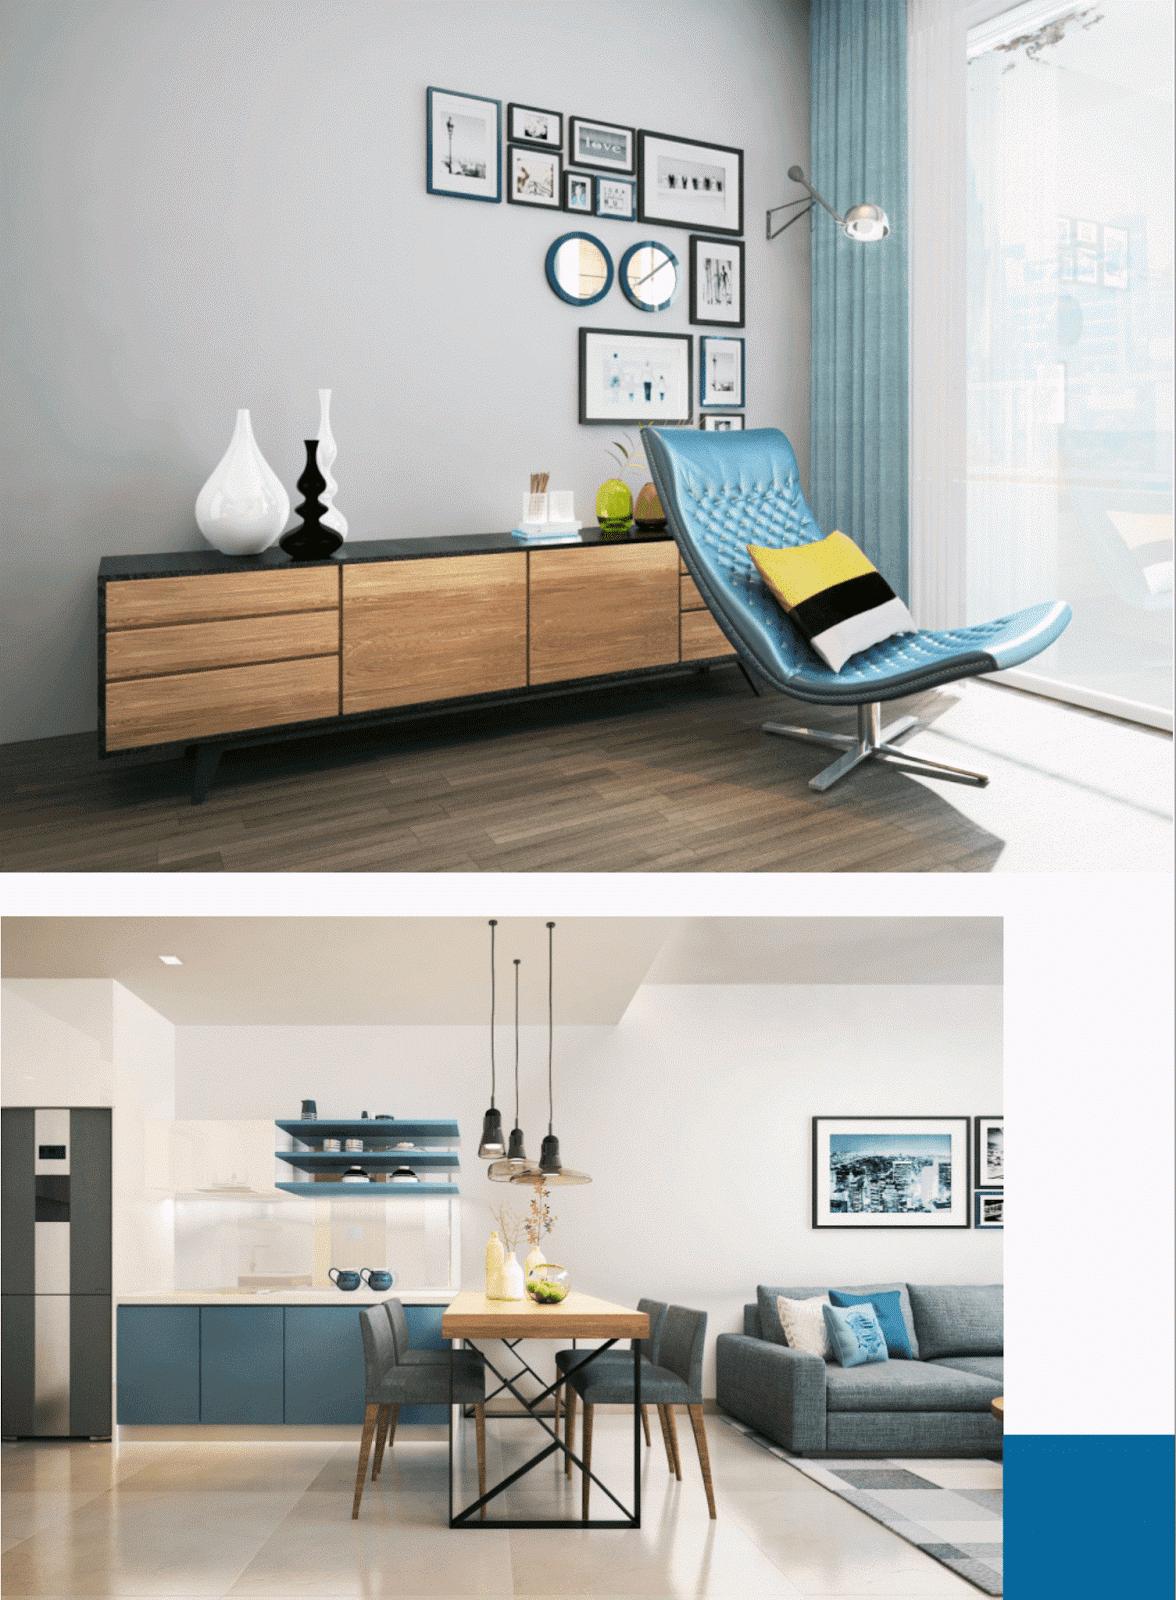 Thiết kế căn hộ cao cấp tại Vinhomes Smart City